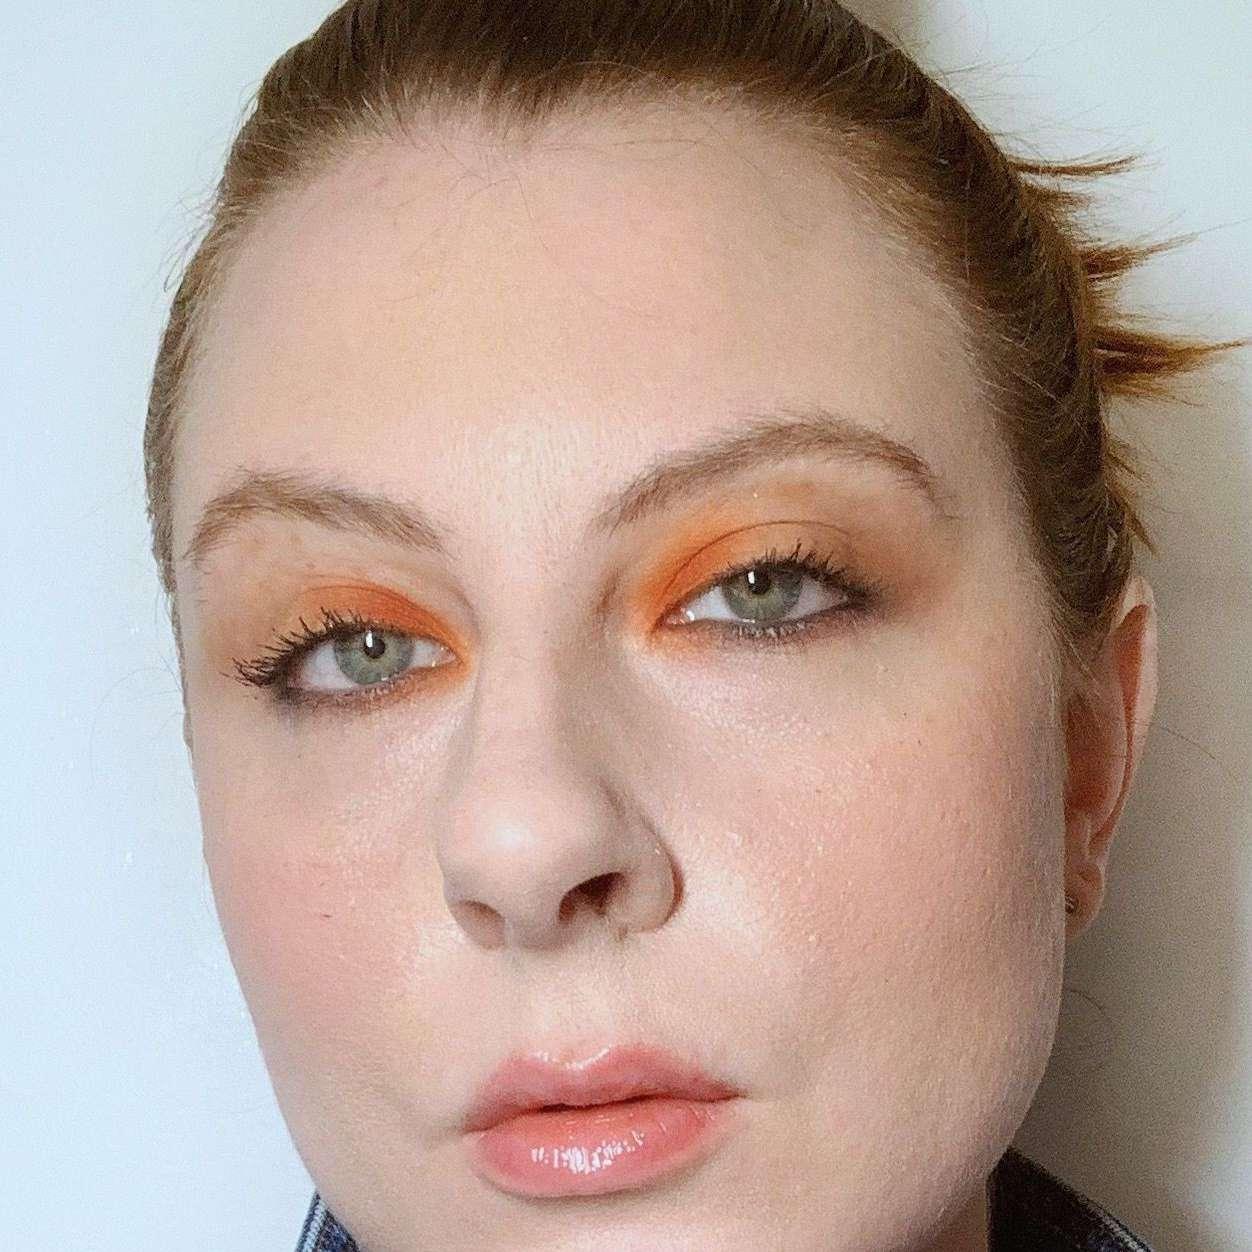 woman wearing orange eyeshadow on inner lid